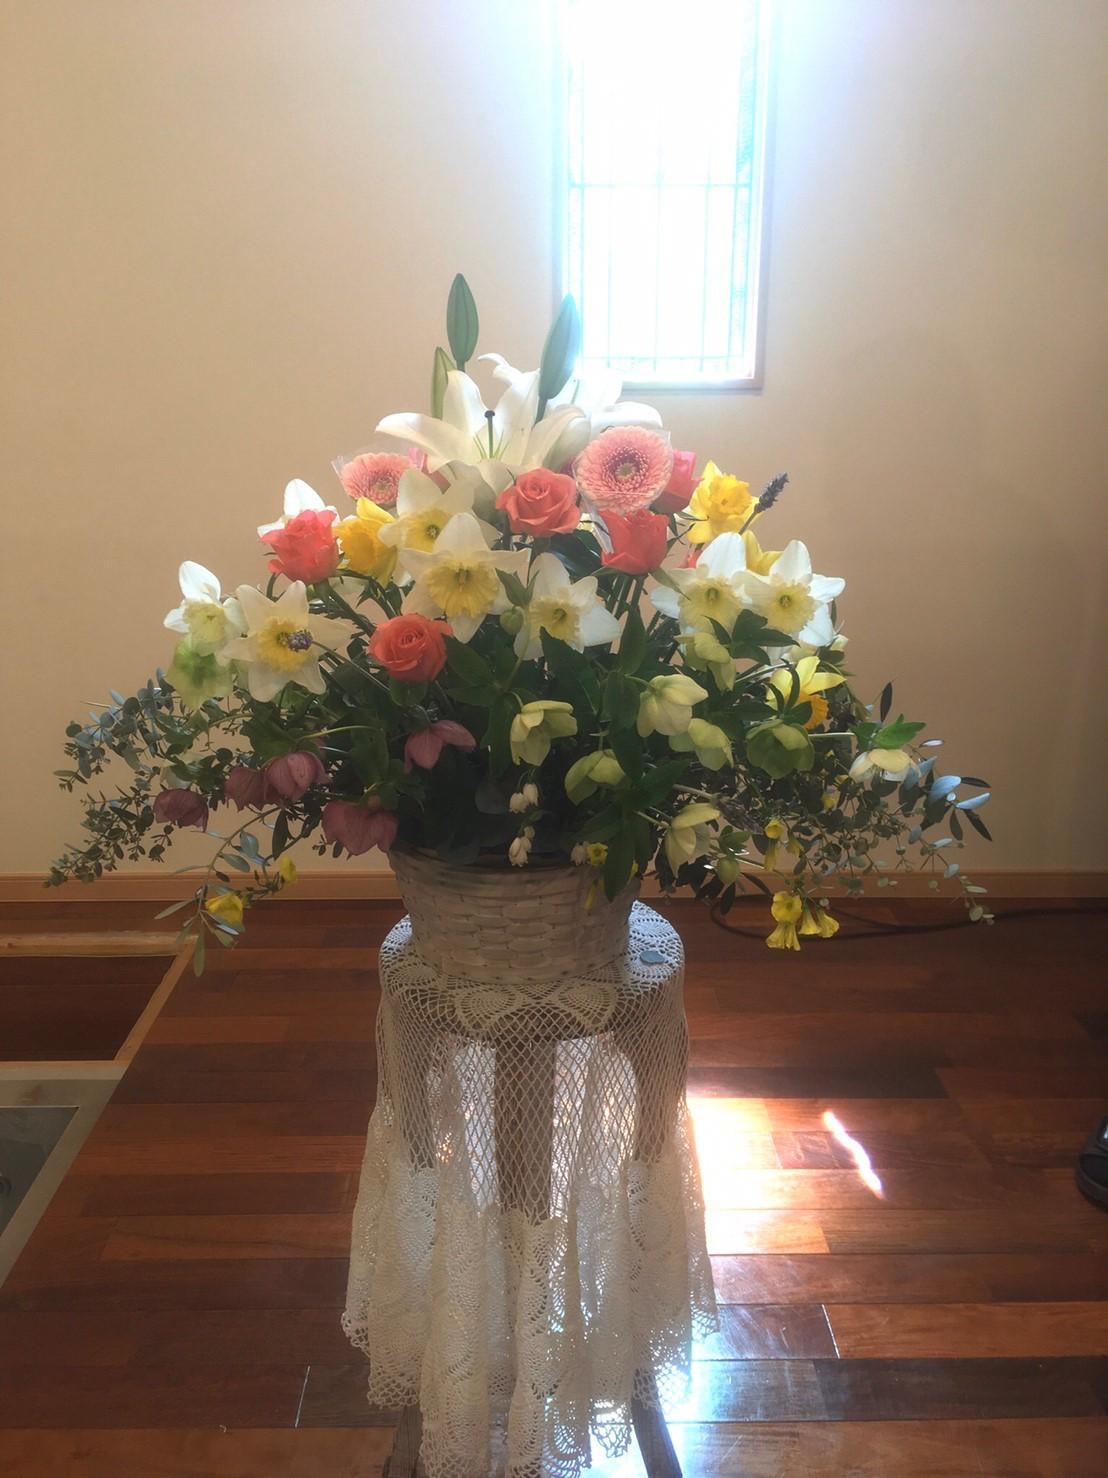 とっても素敵な洗礼式がありました!(*^▽^*)_d0120628_21411152.jpg